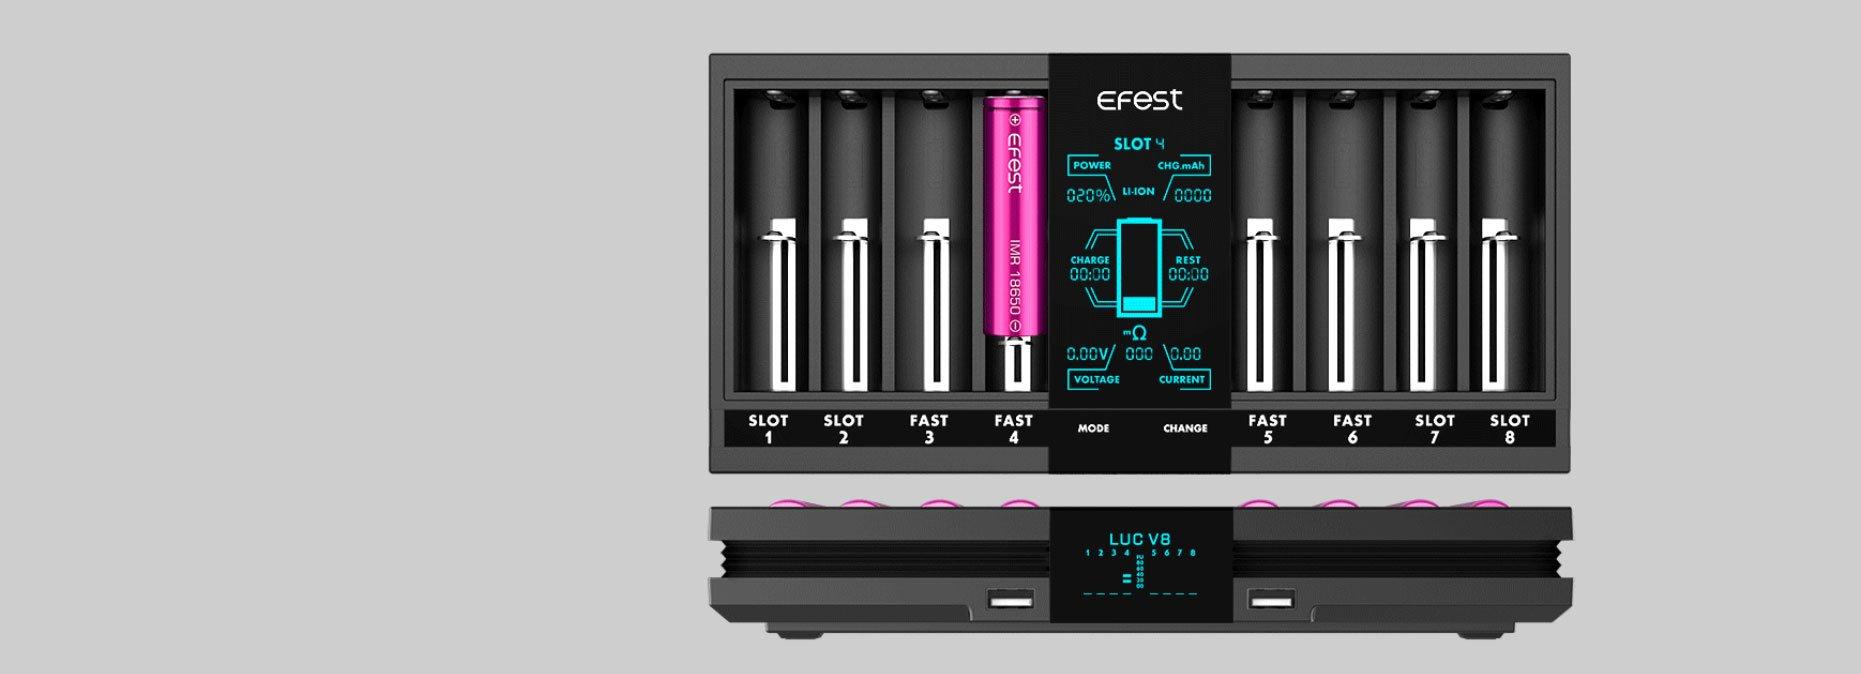 efest-luc-v8-dobule-screen-fast-charger